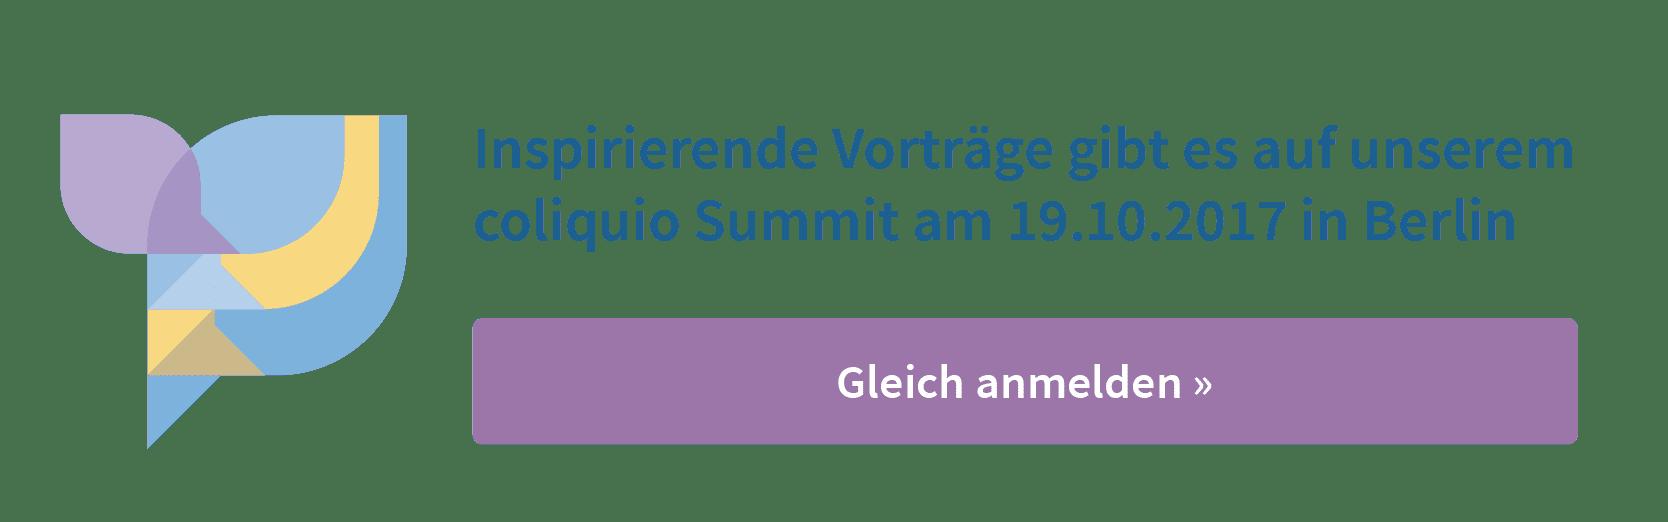 zum coliquio Summit anmelden